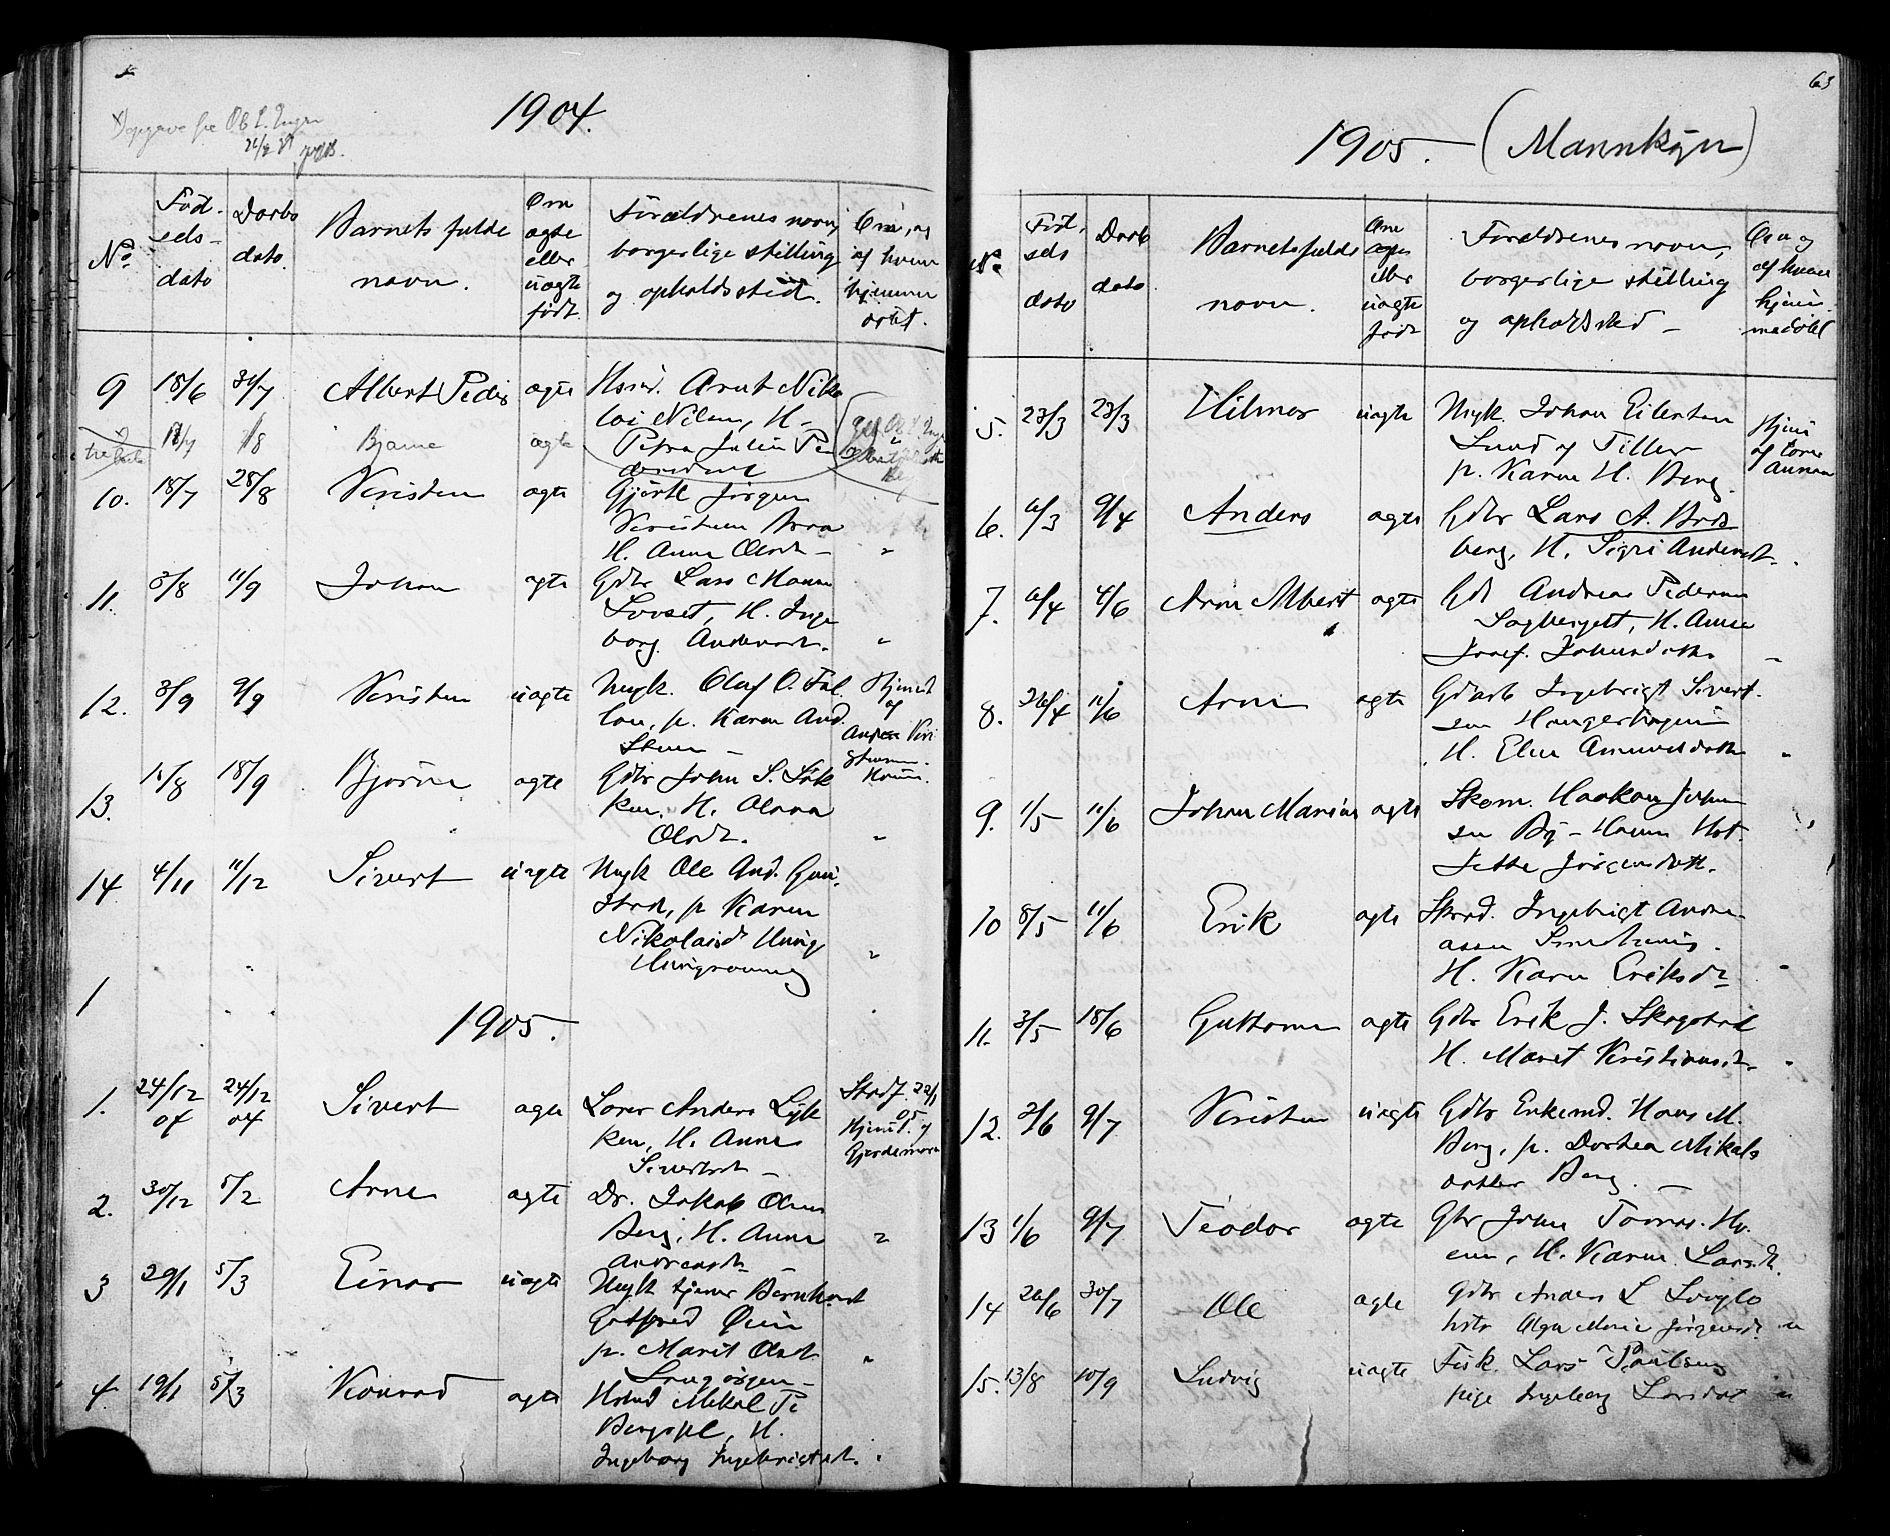 SAT, Ministerialprotokoller, klokkerbøker og fødselsregistre - Sør-Trøndelag, 612/L0387: Klokkerbok nr. 612C03, 1874-1908, s. 63